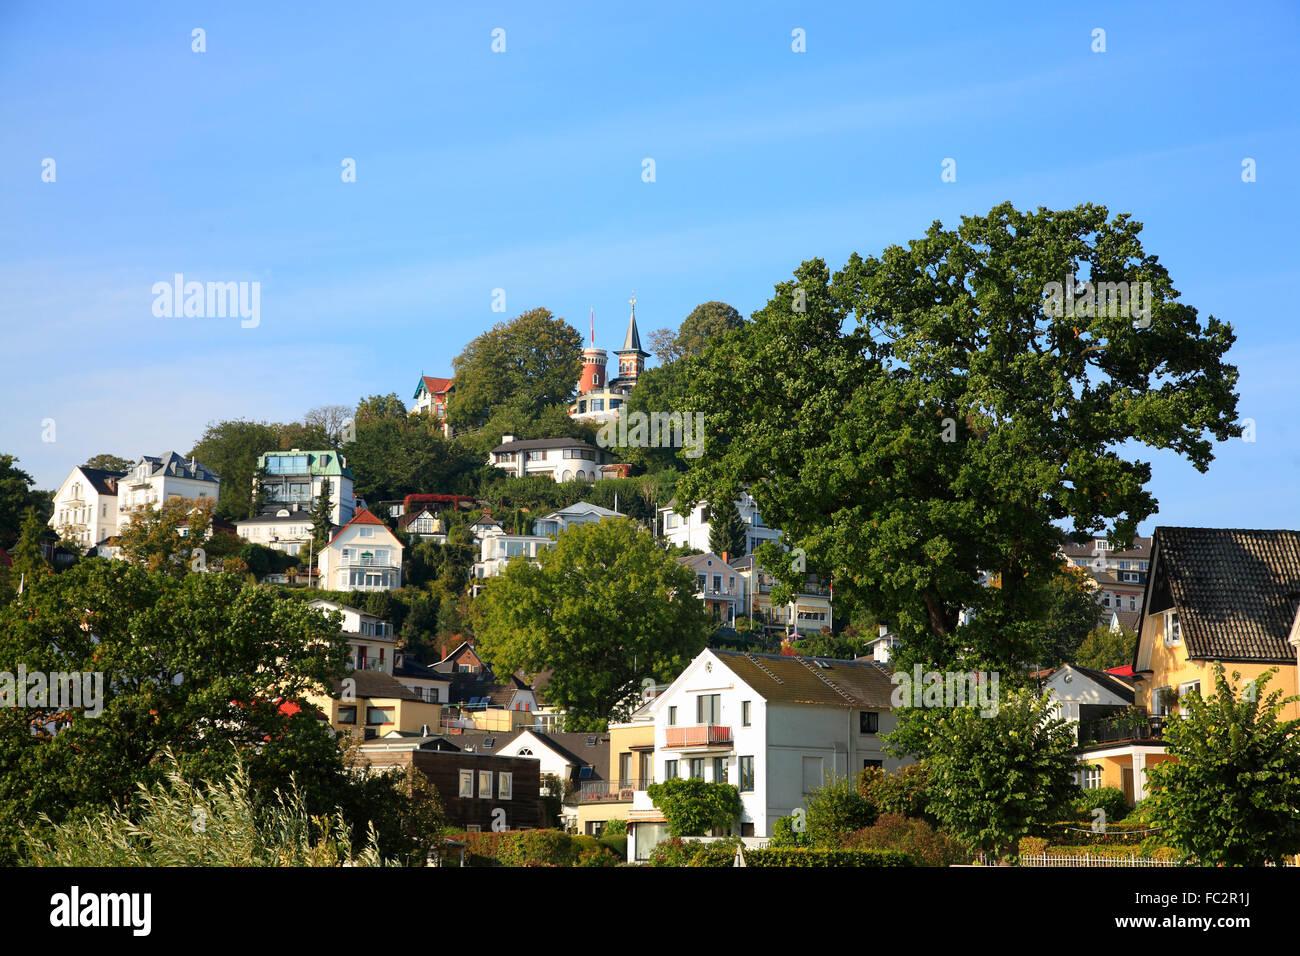 View to Suellberg, Blankenese, Hamburg, Germany, Europe - Stock Image